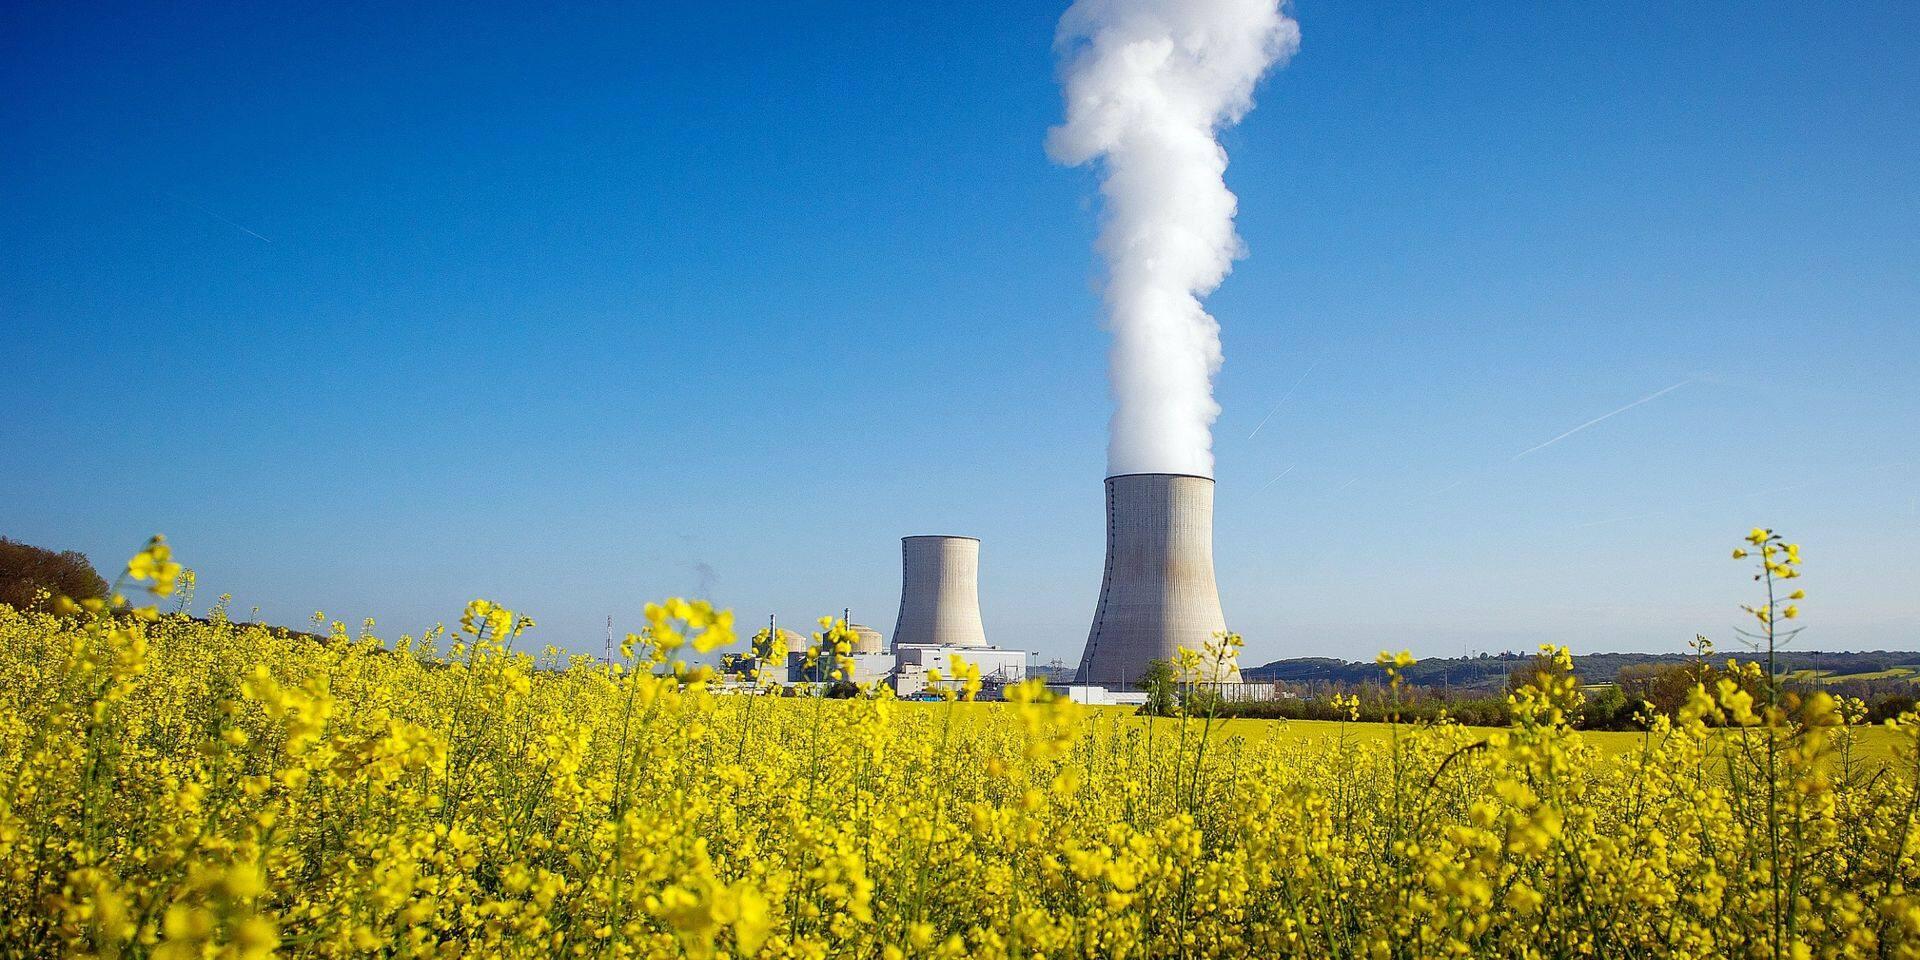 Le gaz et le nucléaire sont-ils durables? L'Europe ne décide pas